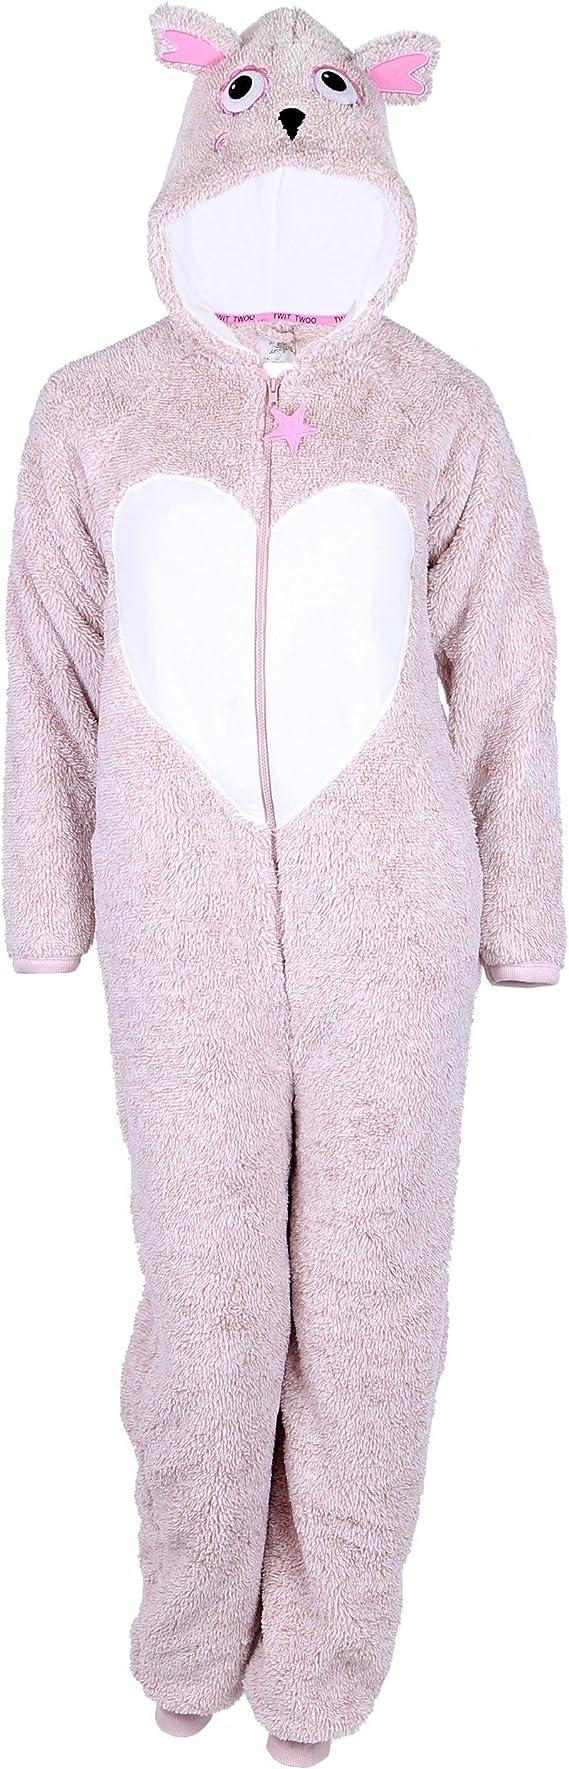 Primark - Pijama - para Mujer Multicolor Beige: Amazon.es: Ropa y ...